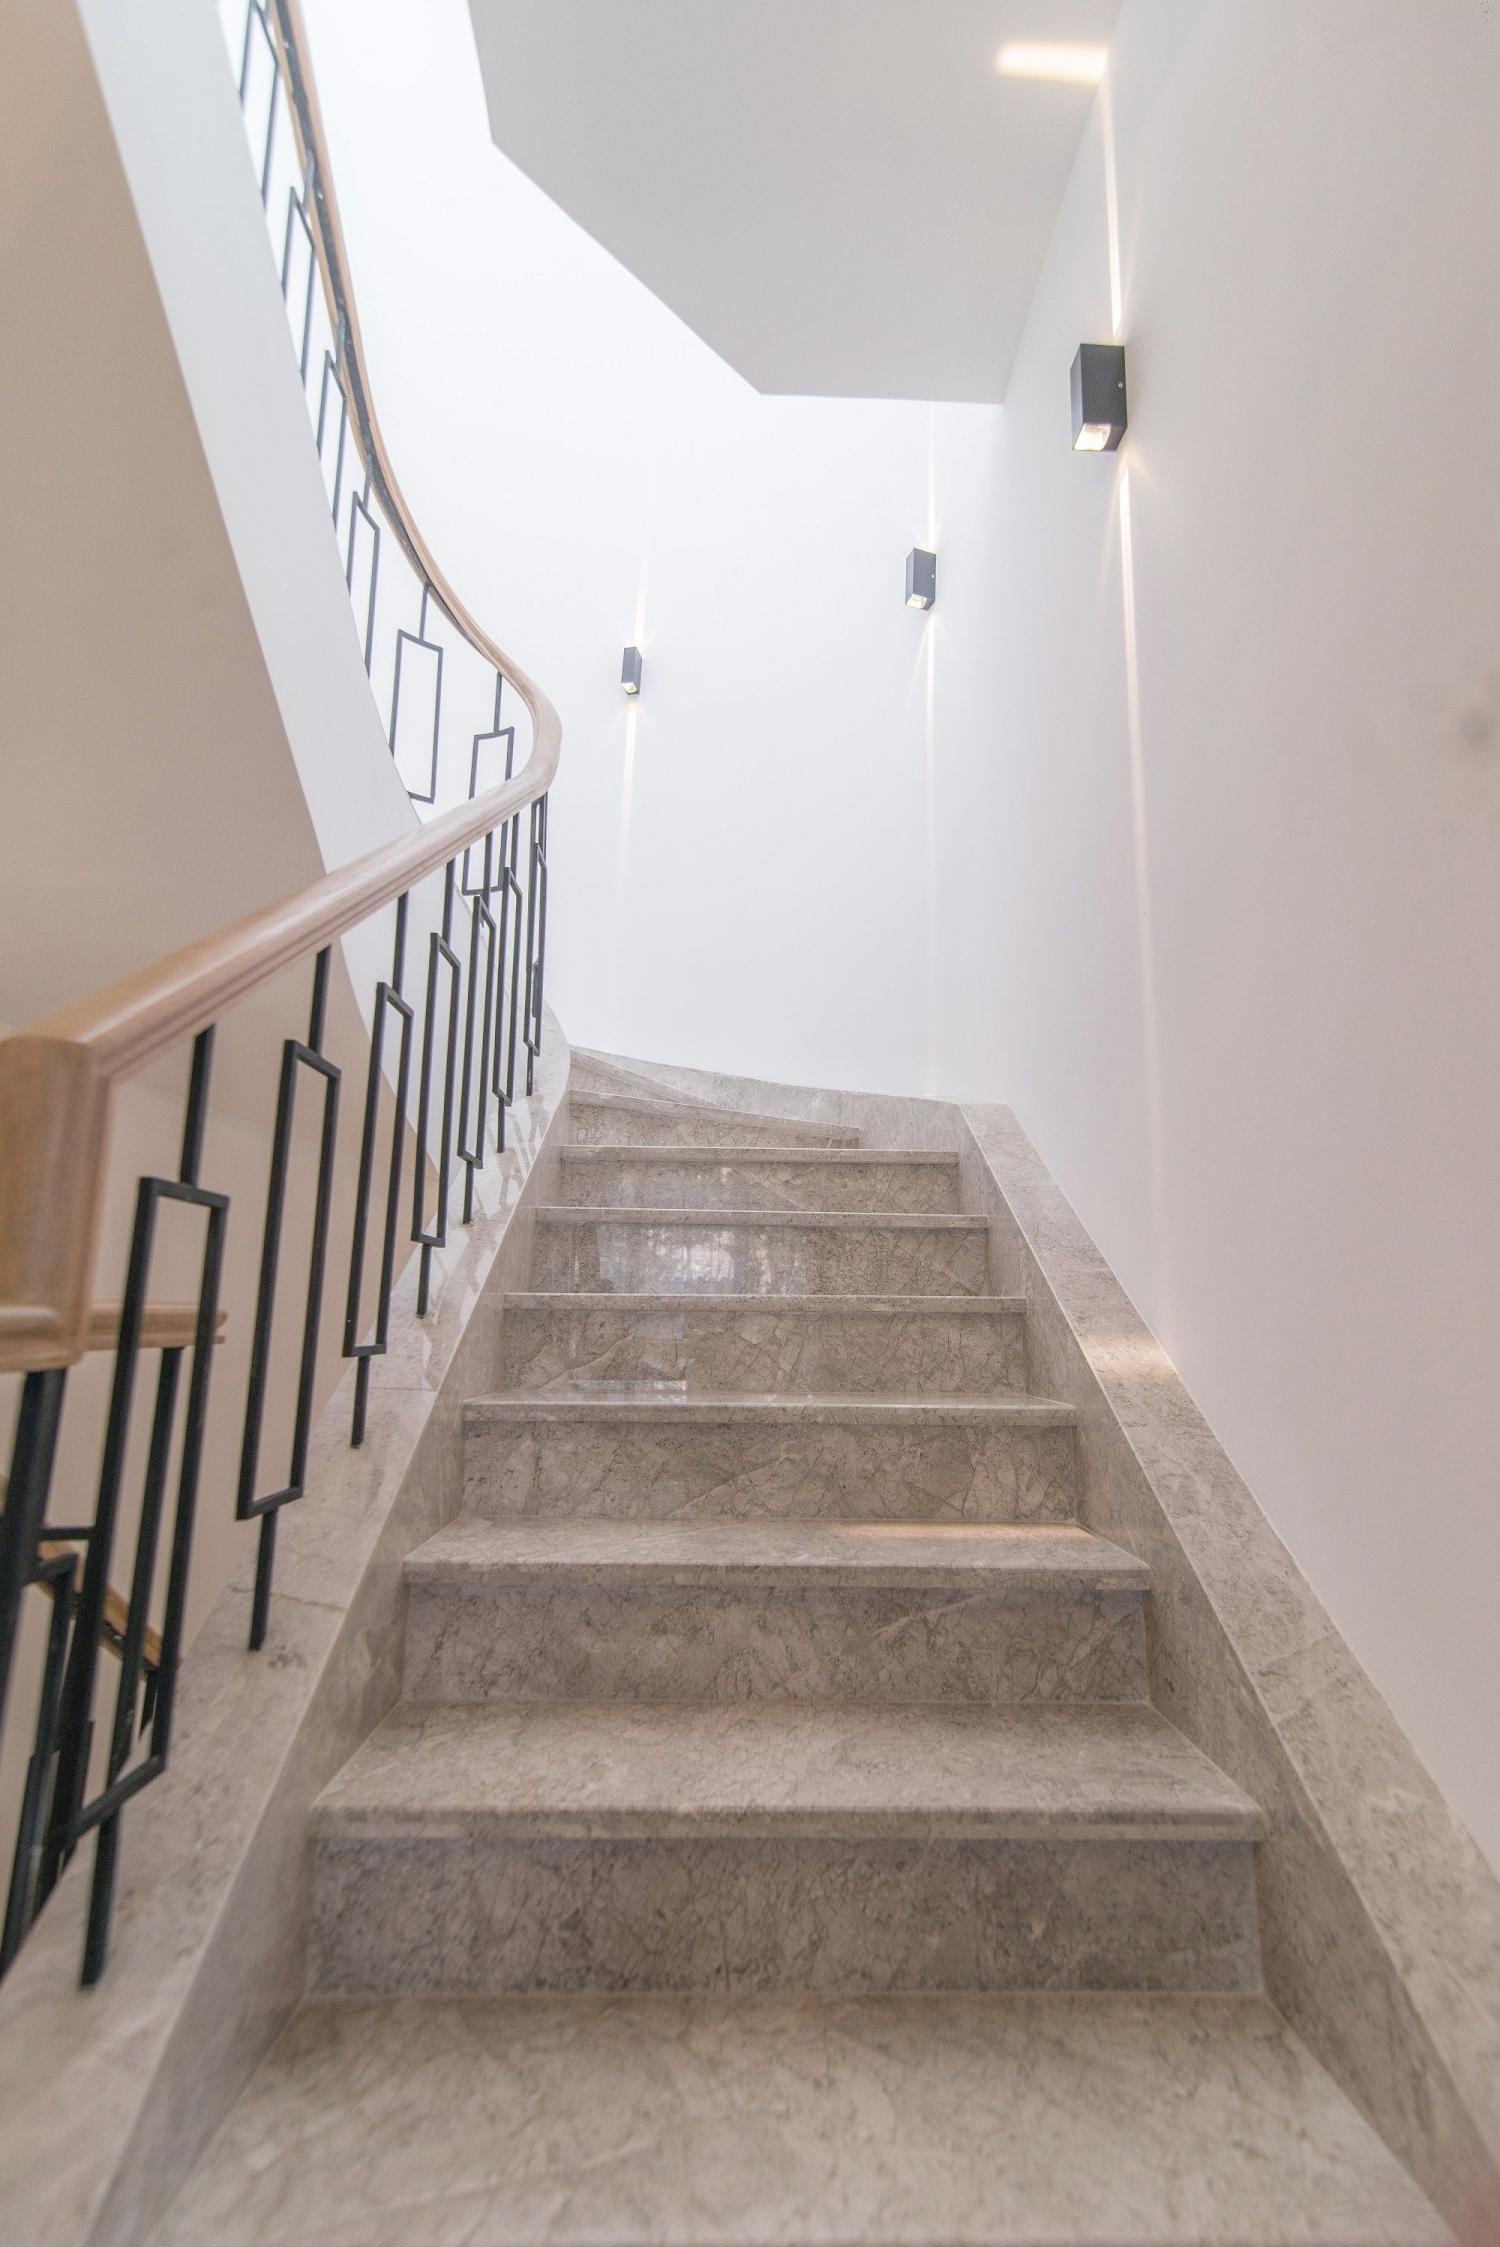 欧式 别墅 腾龙设计 完工实景 楼梯图片来自孔继民在乔爱庄园别墅完工实景案例展示的分享